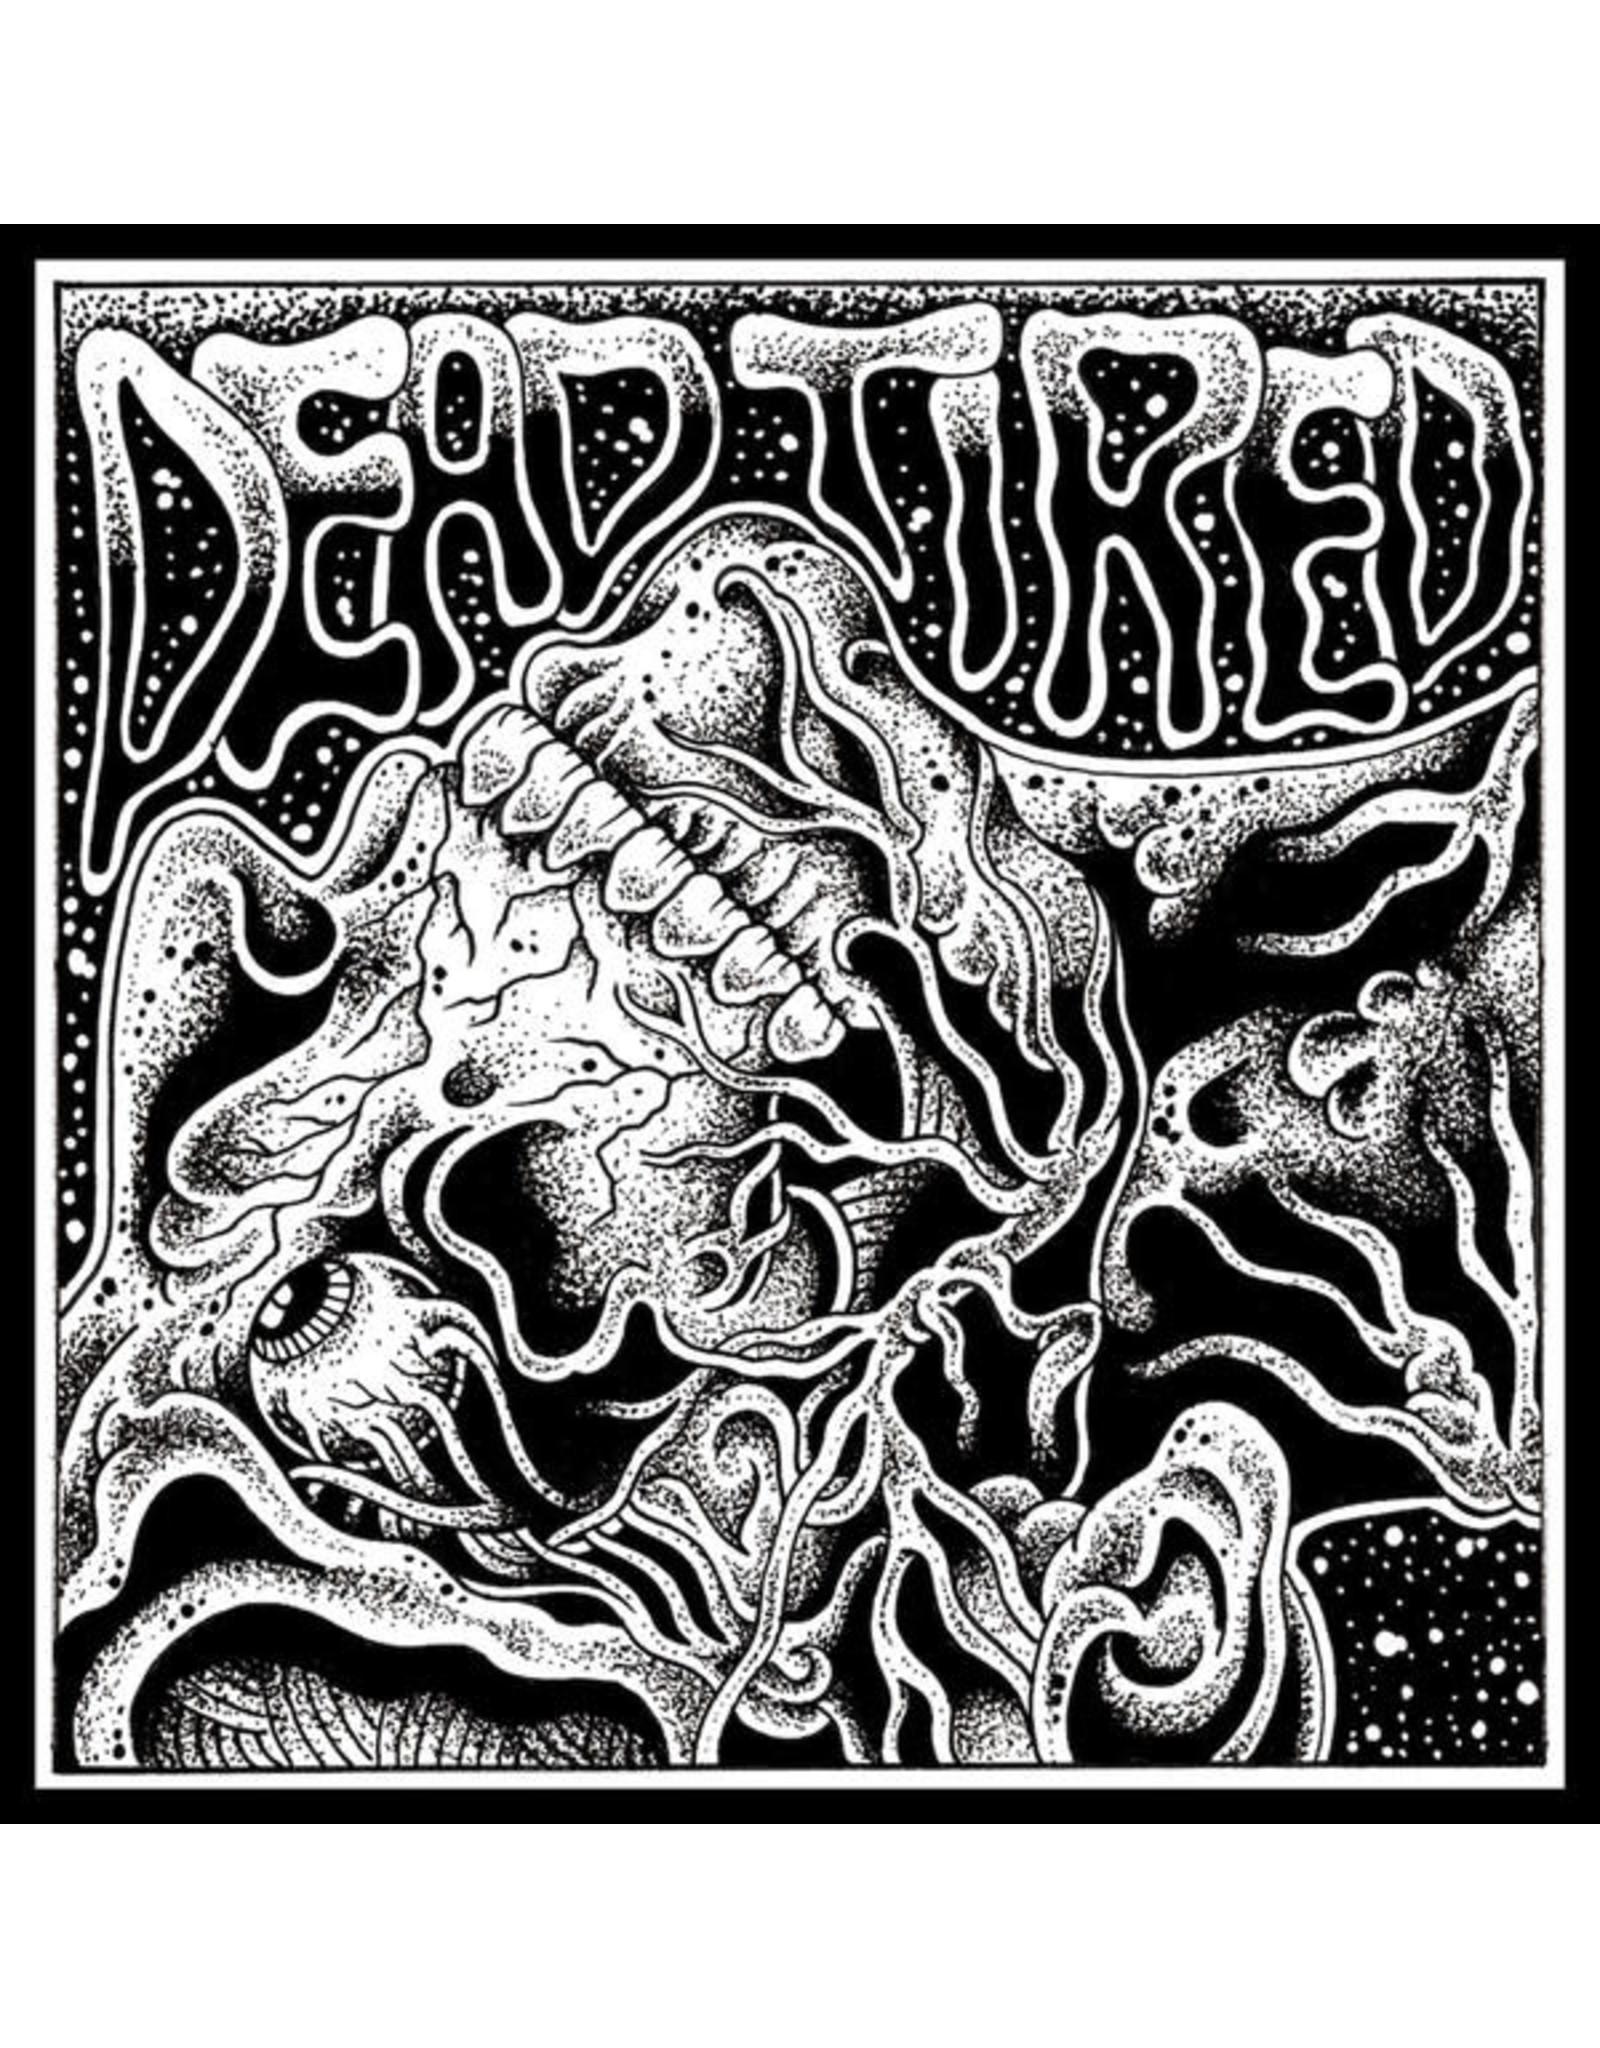 Dead & Tired - Full Vol. CD